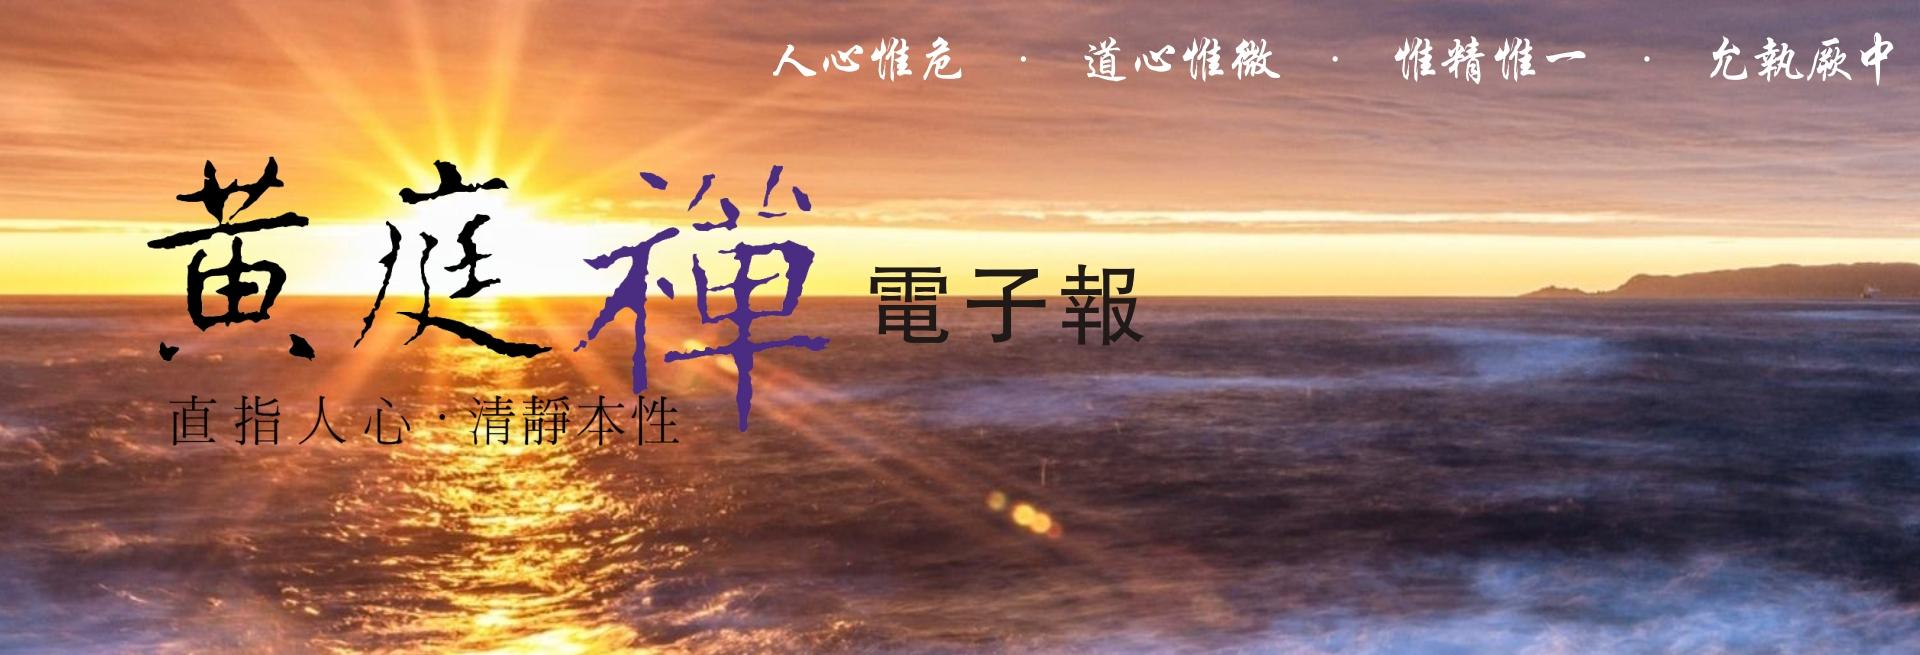 中華黃庭禪學會2020.10.11電子報